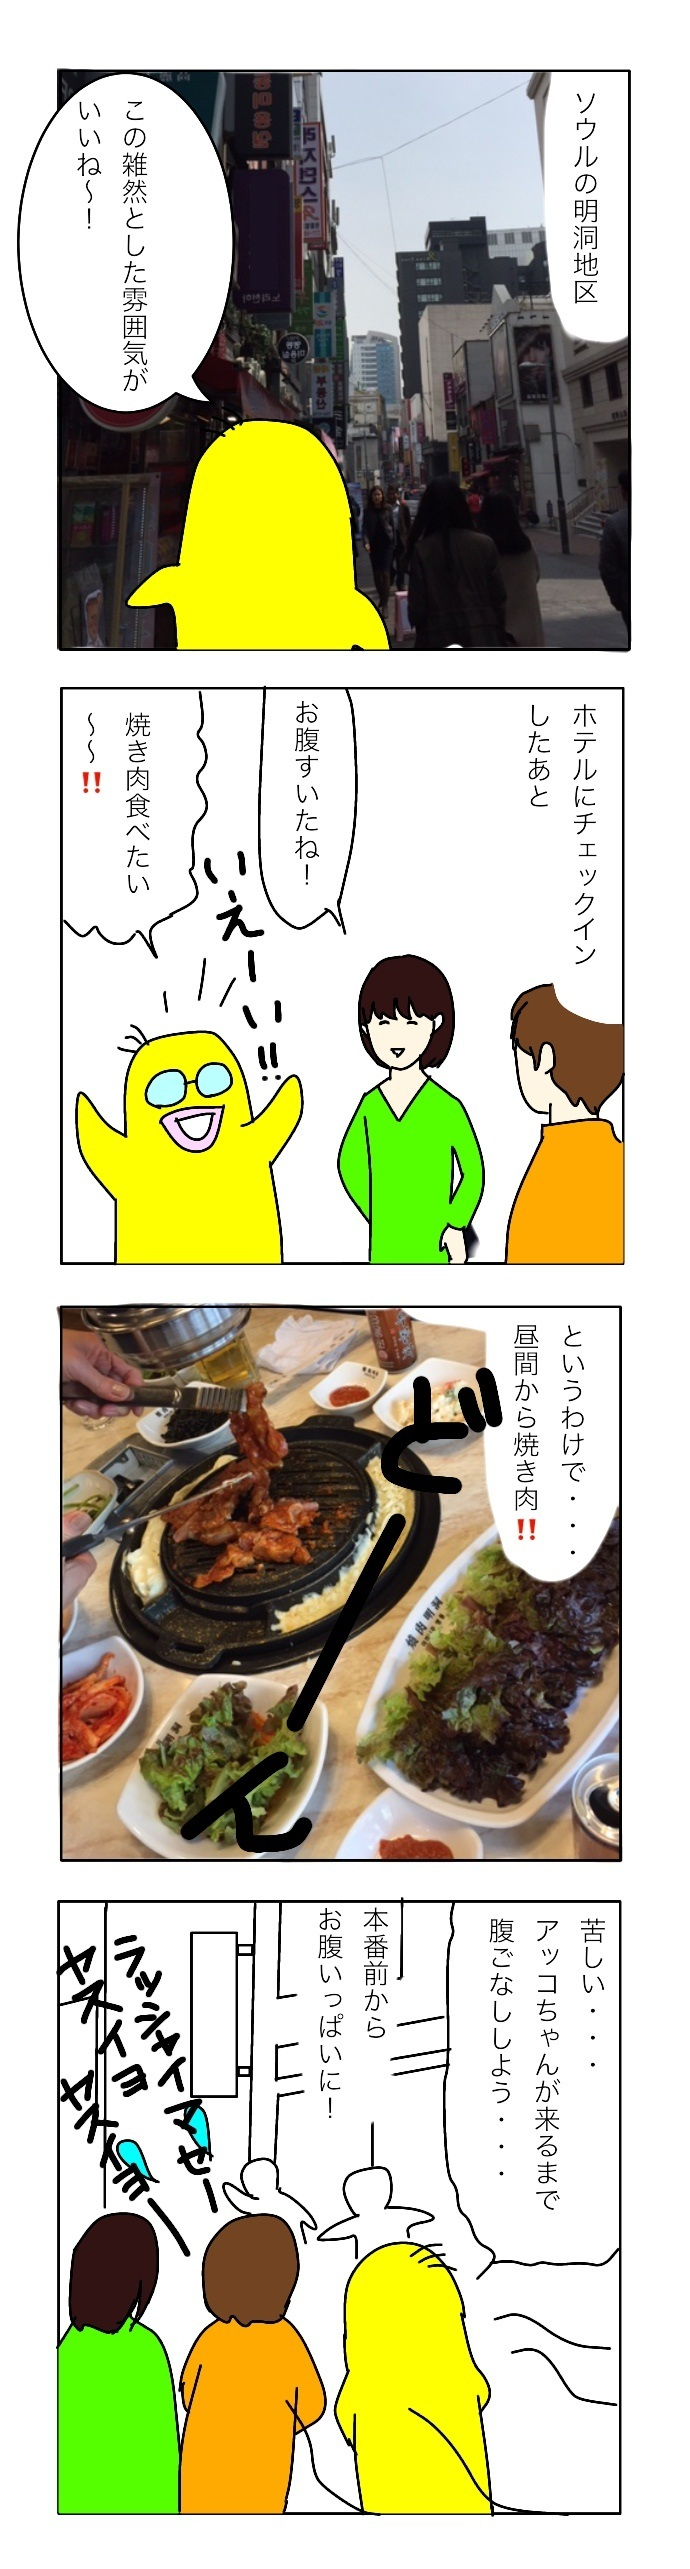 kankoku2 焼肉